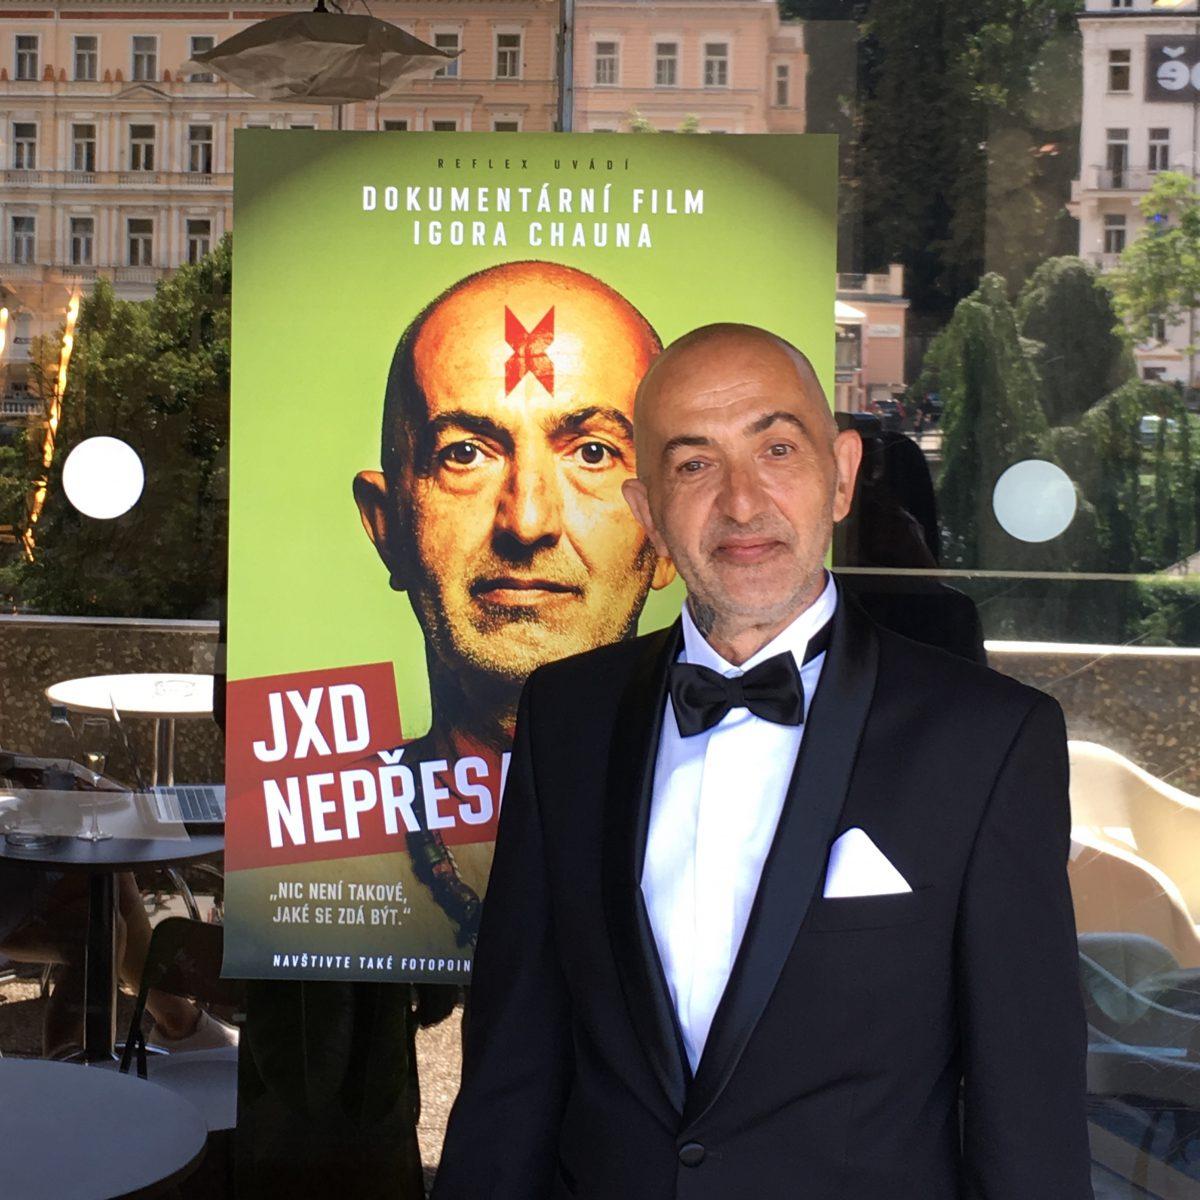 Jiří X. Doležal letos na festivalu v Karlových Varech